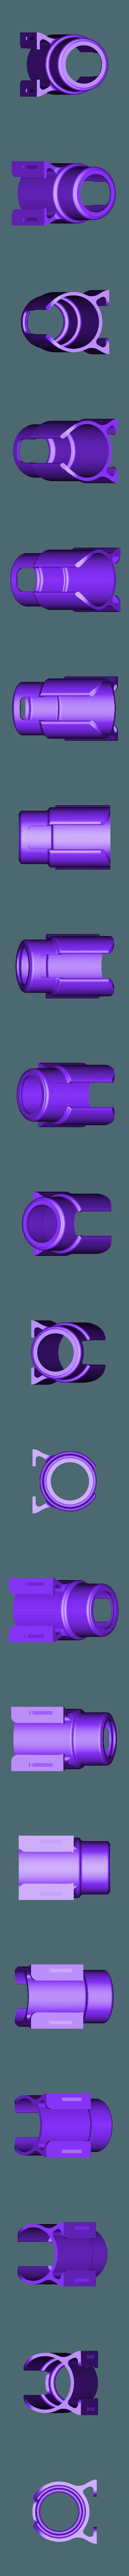 drill_holder_peg.stl Télécharger fichier STL gratuit porte-foret en carton • Modèle pour imprimante 3D, Punisher_4u